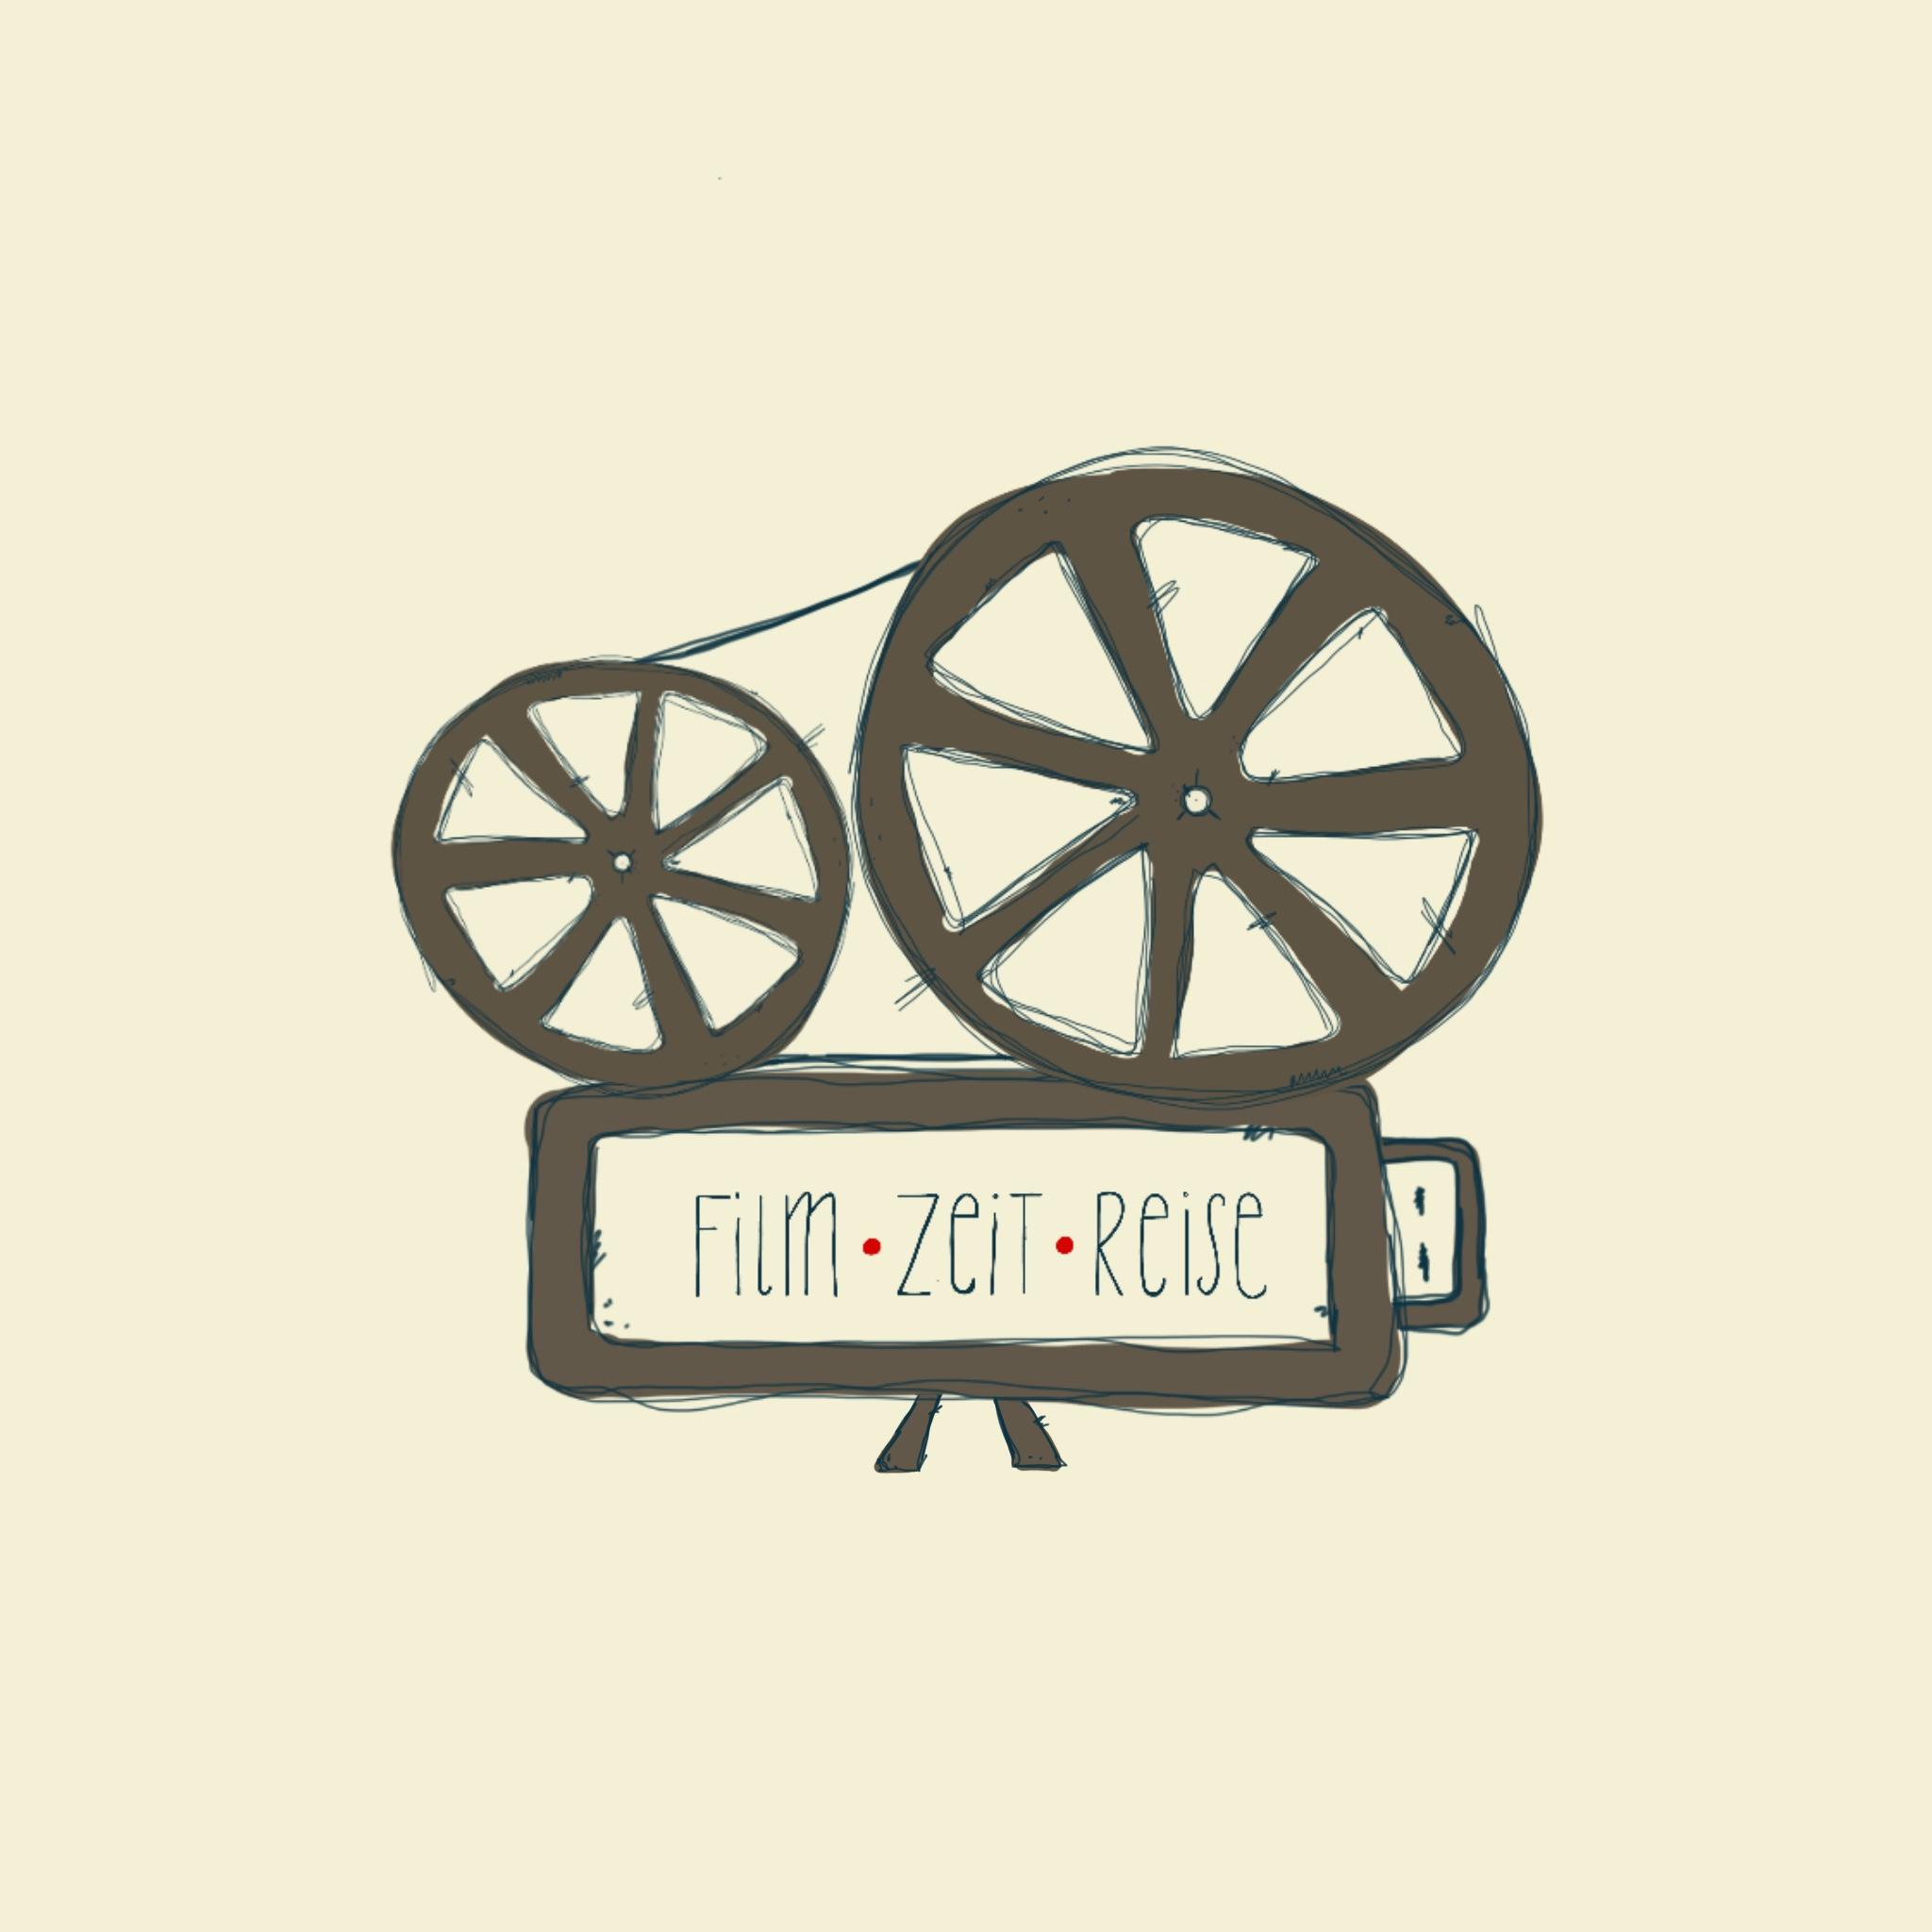 Film.Zeit.Reise logo